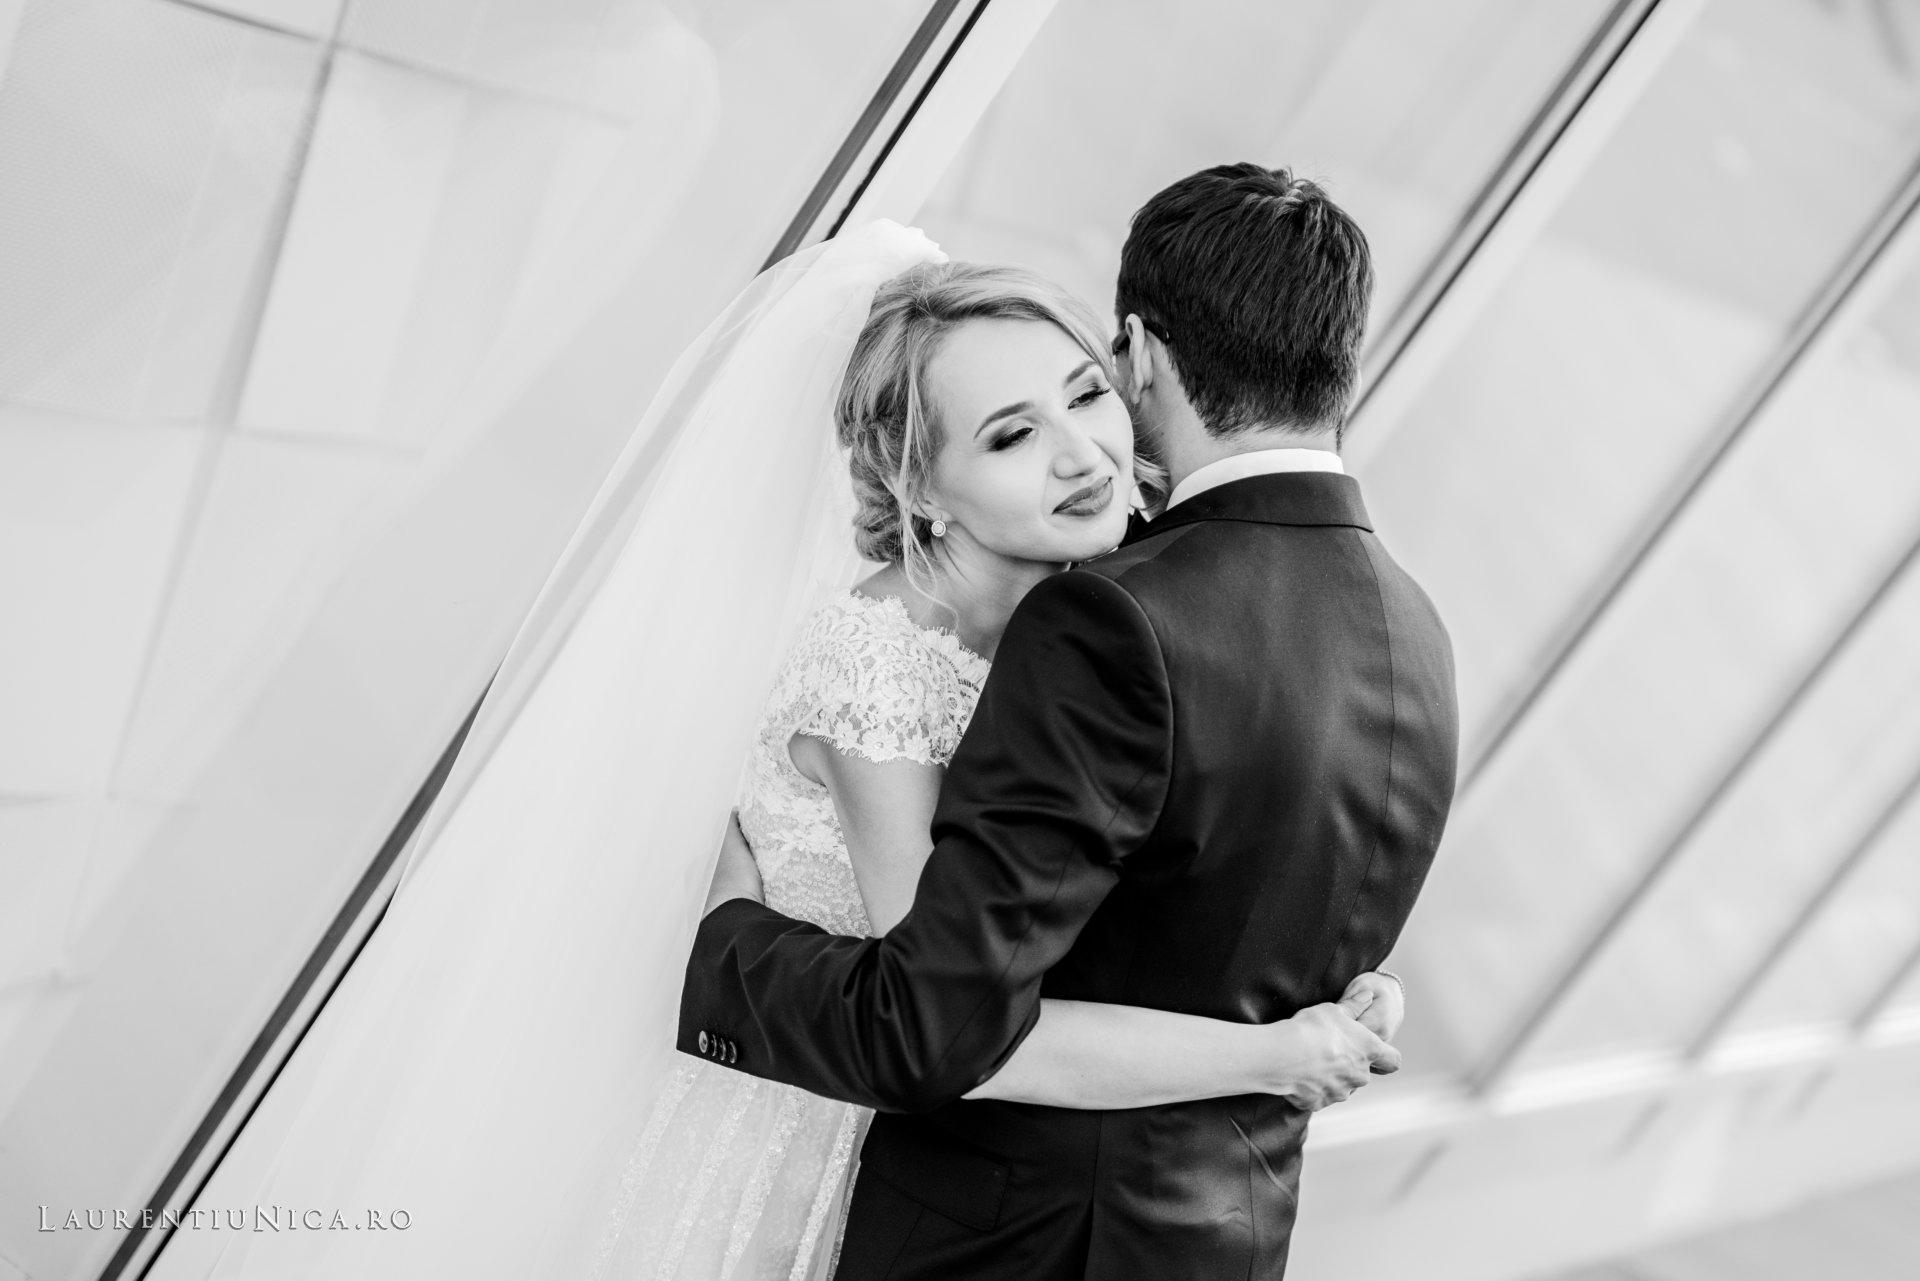 alina si razvan craiova fotograf nunta laurentiu nica53 - Alina & Razvan | Fotografii nunta